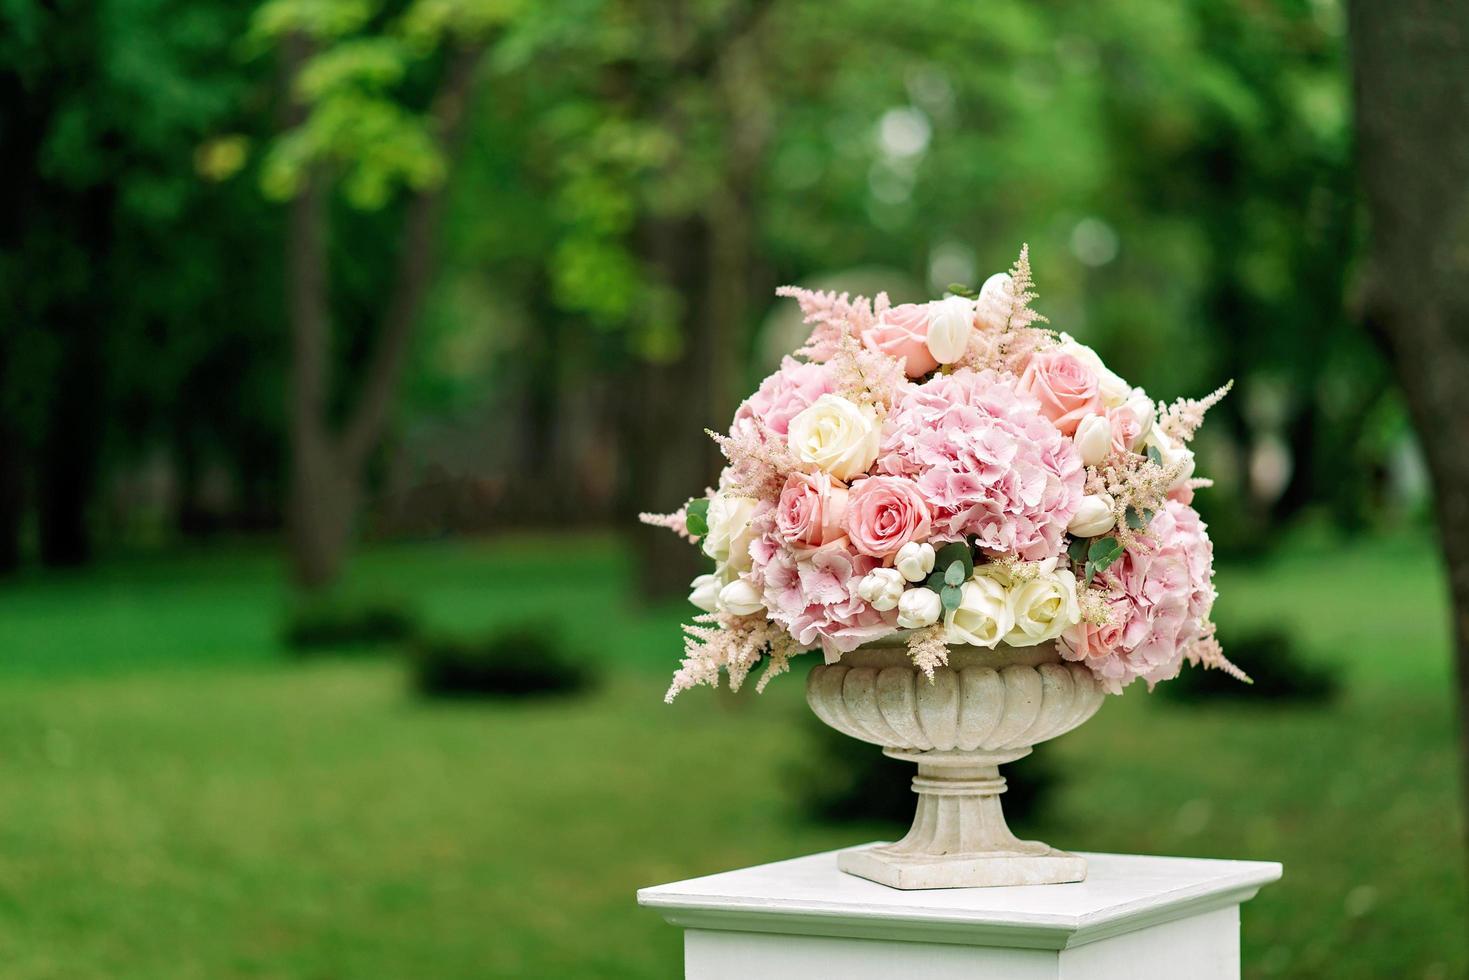 en vacker blombukett i en stenvas står på en kolumn på en grön bakgrund. dekor för bröllopsceremonin. kopiera utrymme. foto